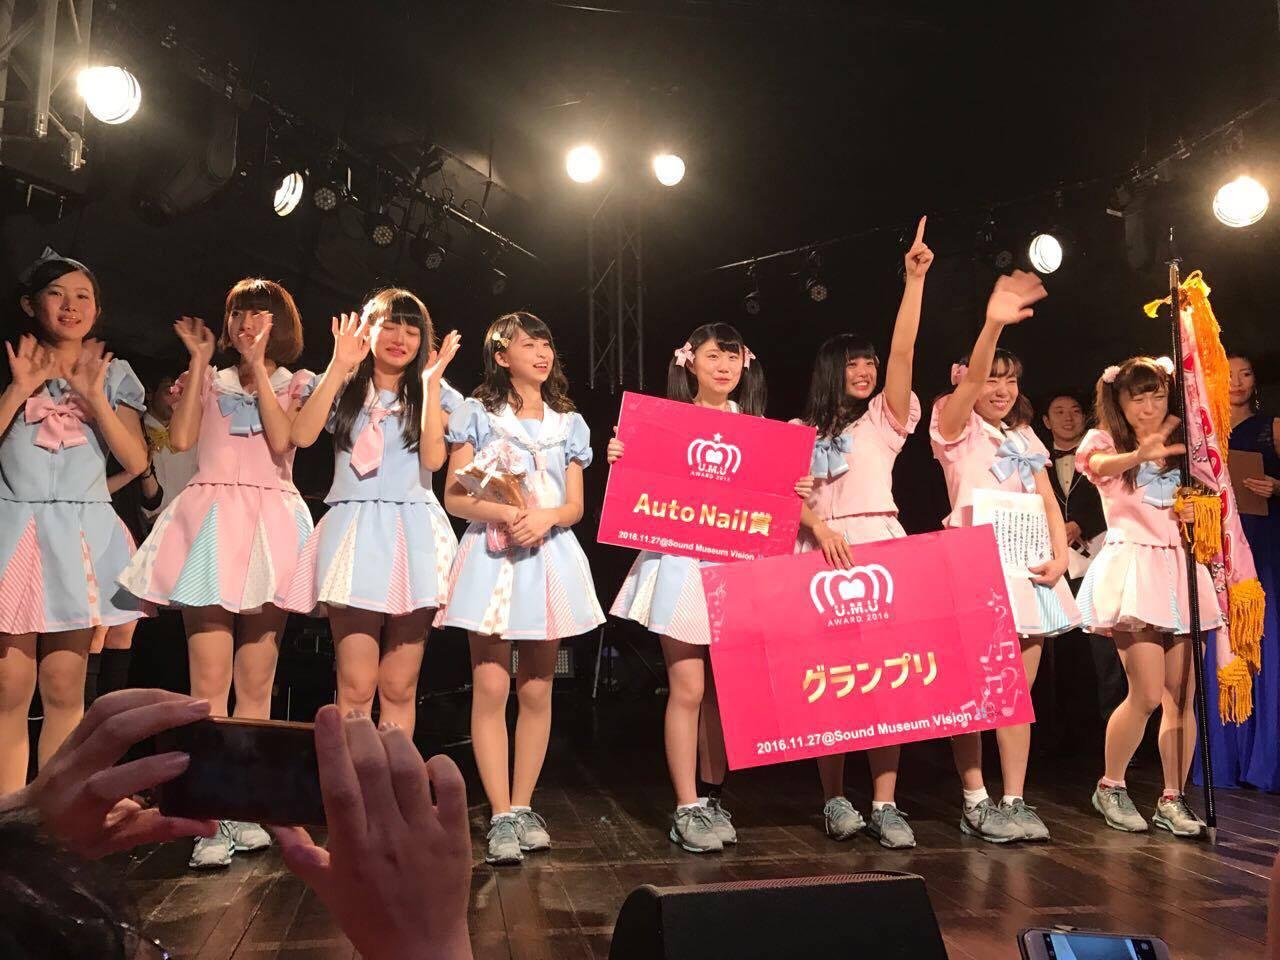 2017年上半期 日本ご当地アイドル活性協会が選ぶ未発掘アイドルセレクト10